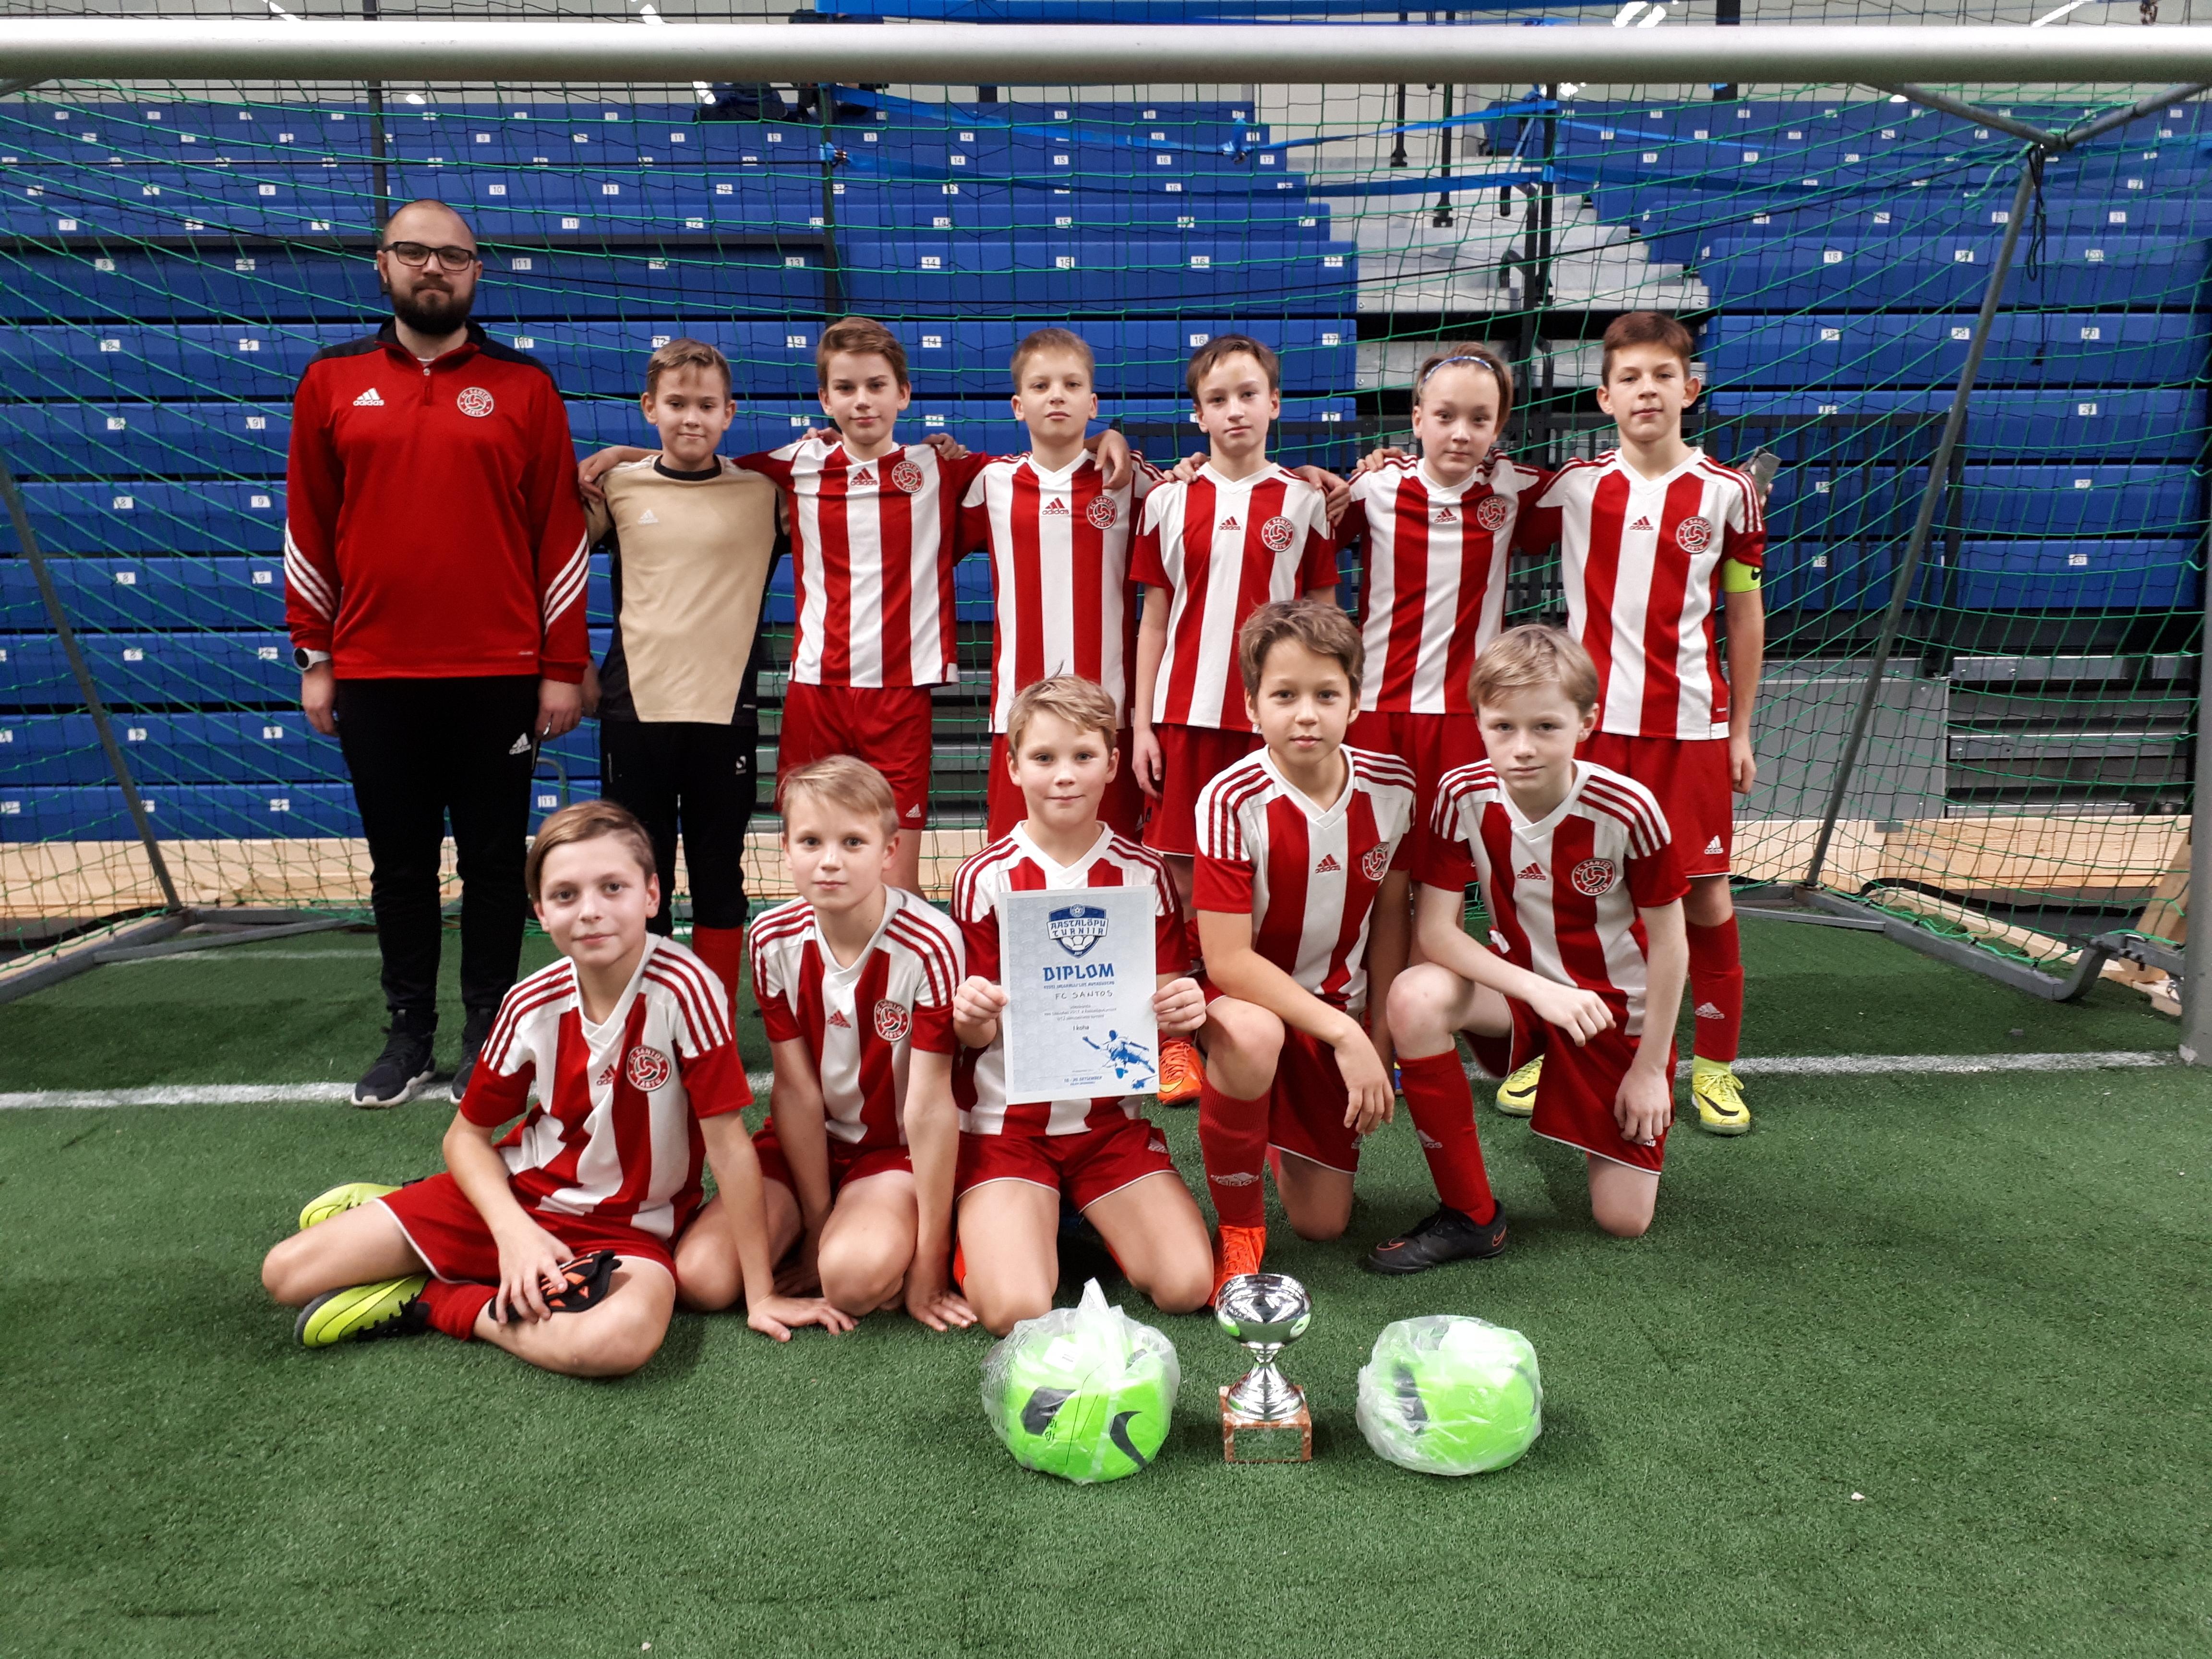 658a200642cfe Aastalõputurniiri U12 poiste vanuseklassis võttis võidu Tartu FC Santos